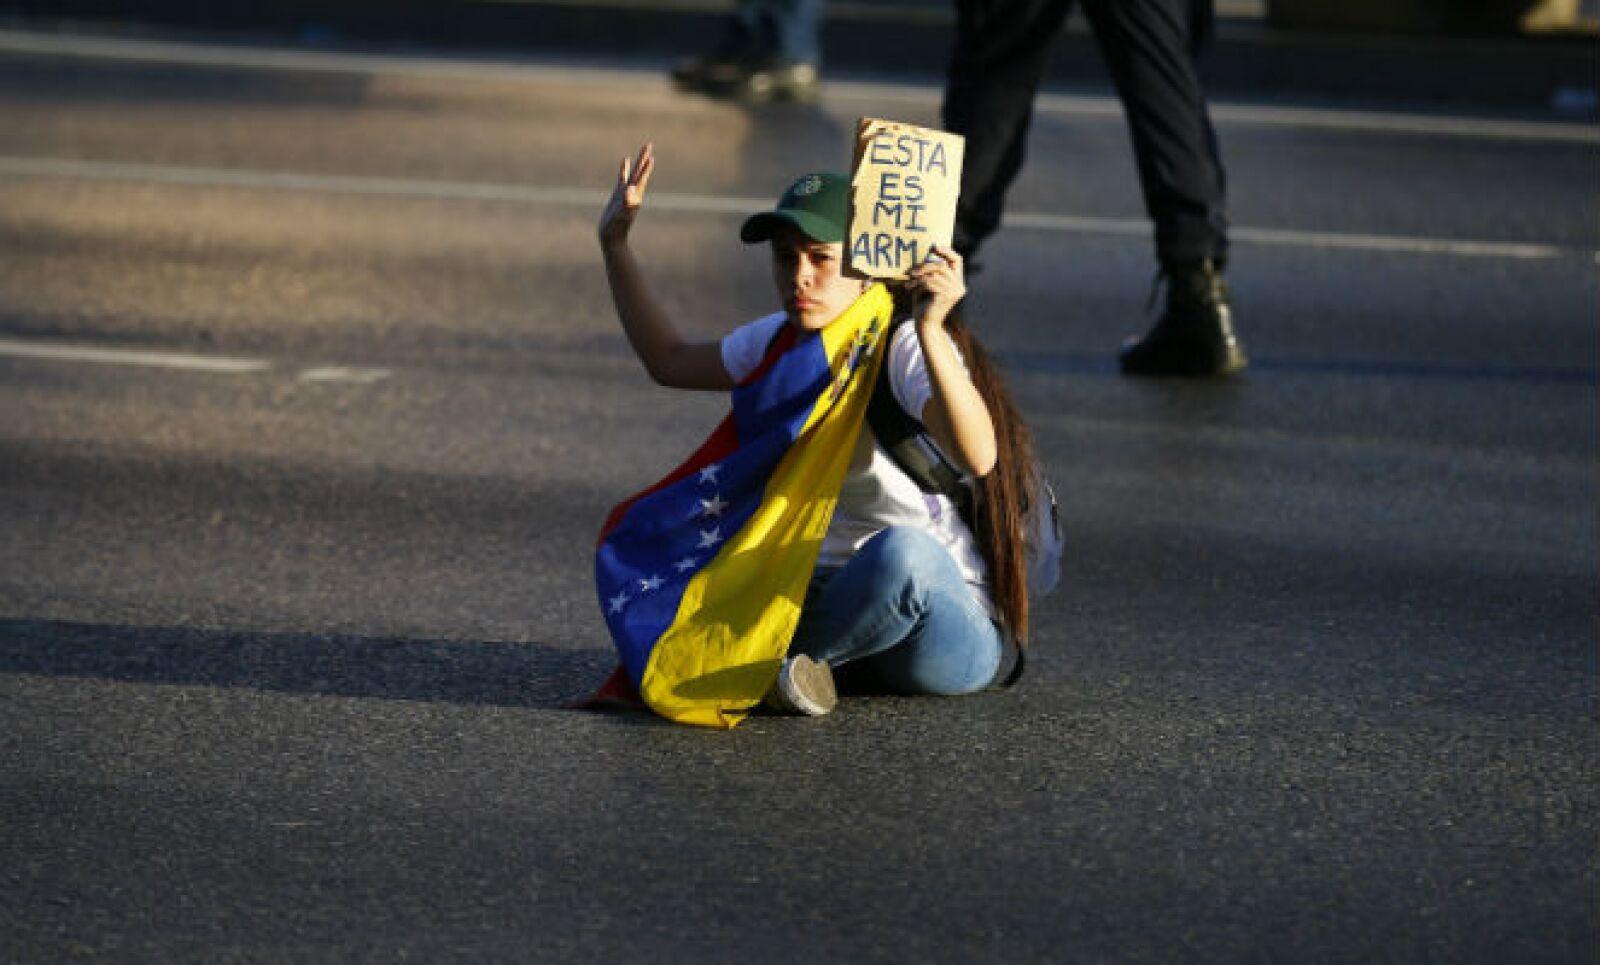 Opositores al gobierno de Nicolás Maduro regresaron a las calles tras las protestas del miércoles que dejaron tres muertos.